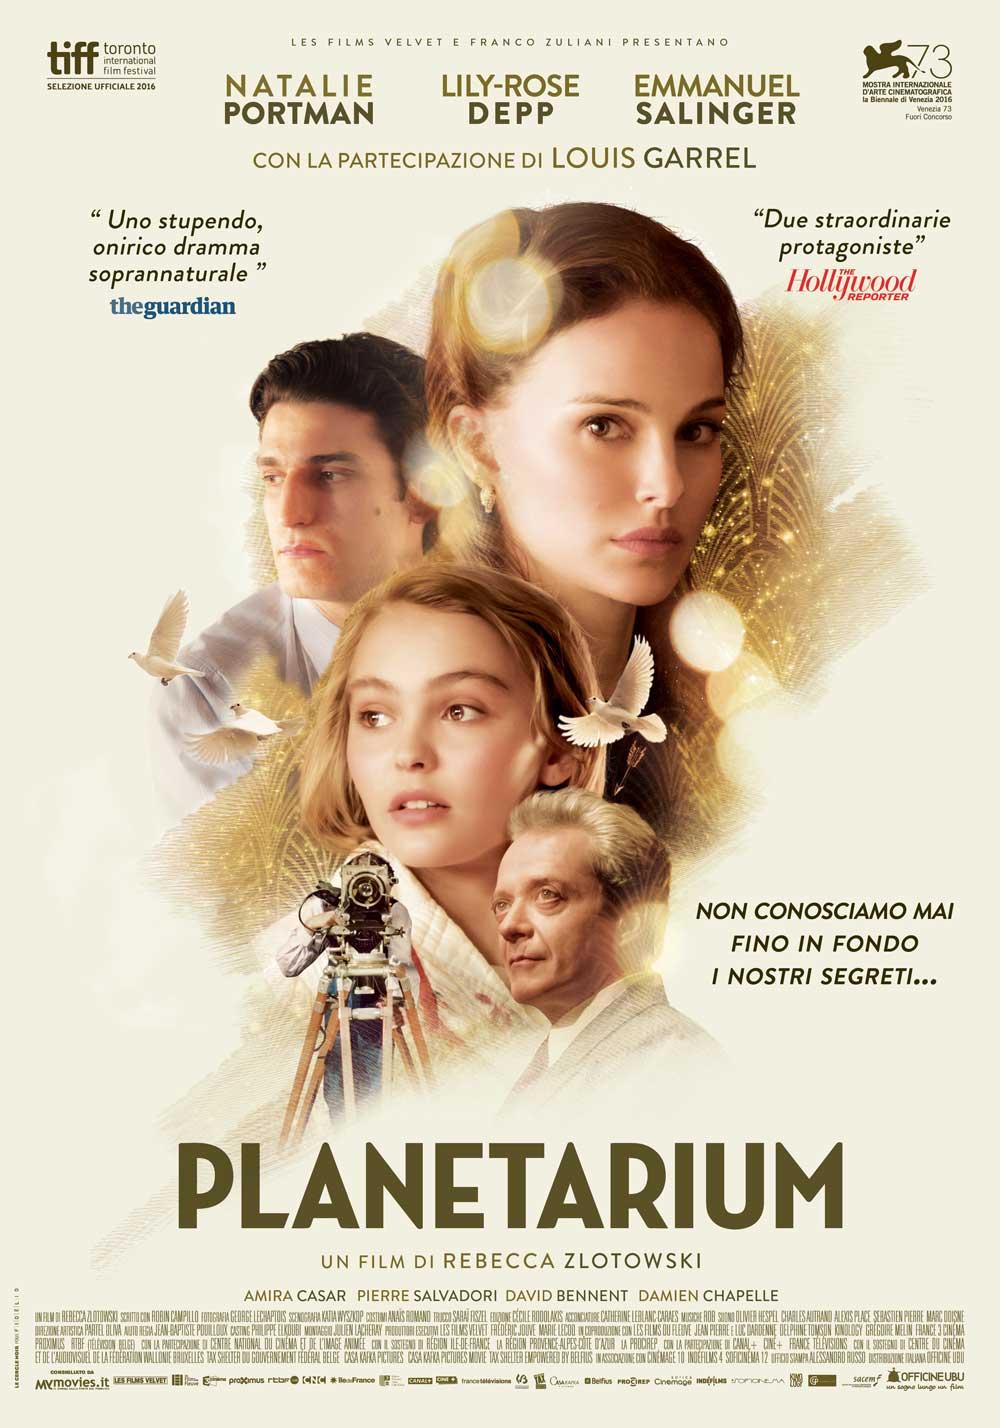 Planetarium - nuovo film di Rebecca Zlotowski